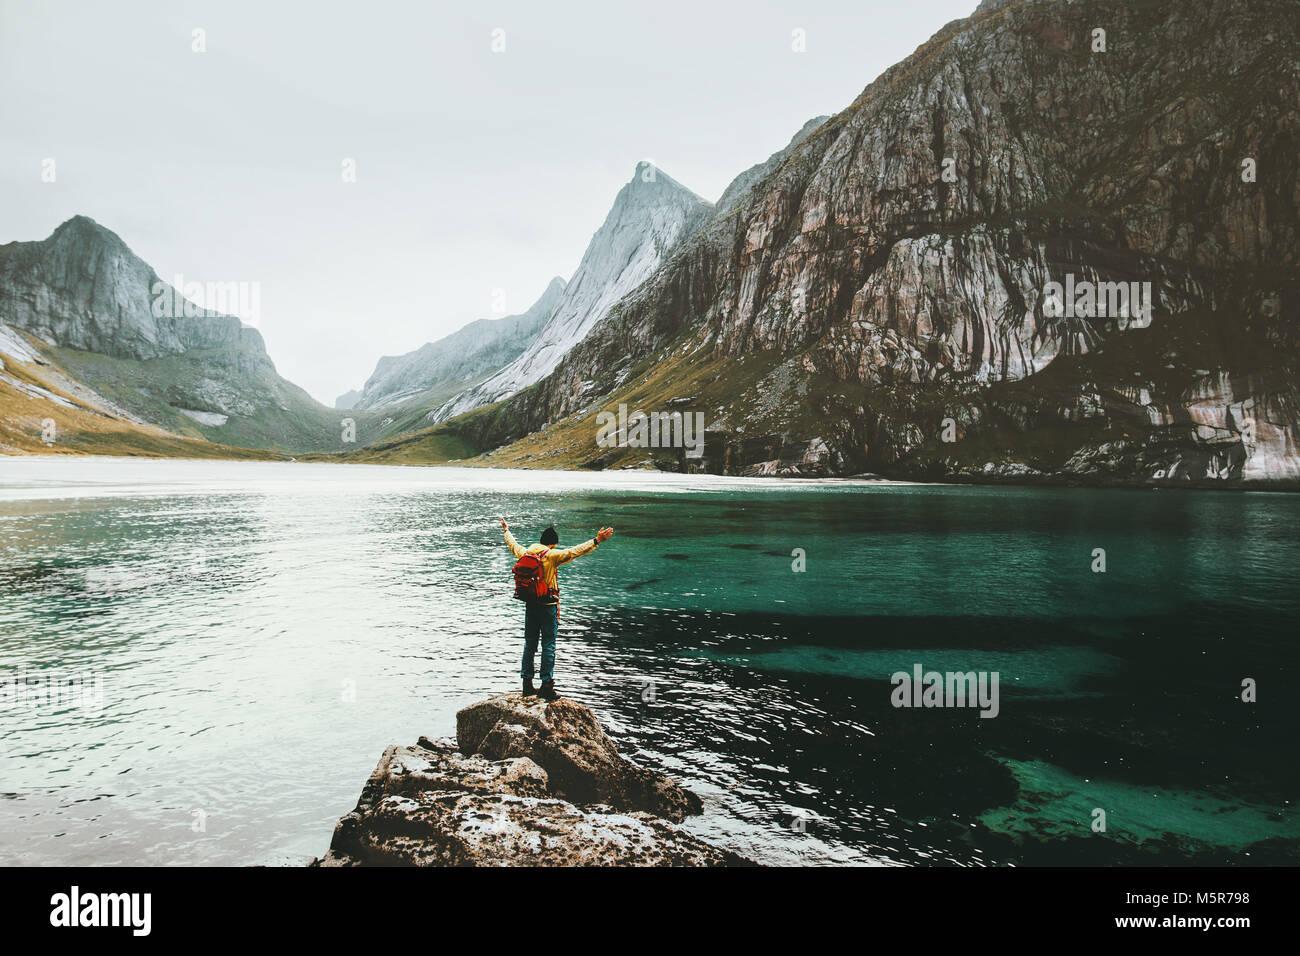 Viajero hombre levantó las manos solas en el mar viajes de piedra estilo supervivencia concepto emocional aventura Imagen De Stock